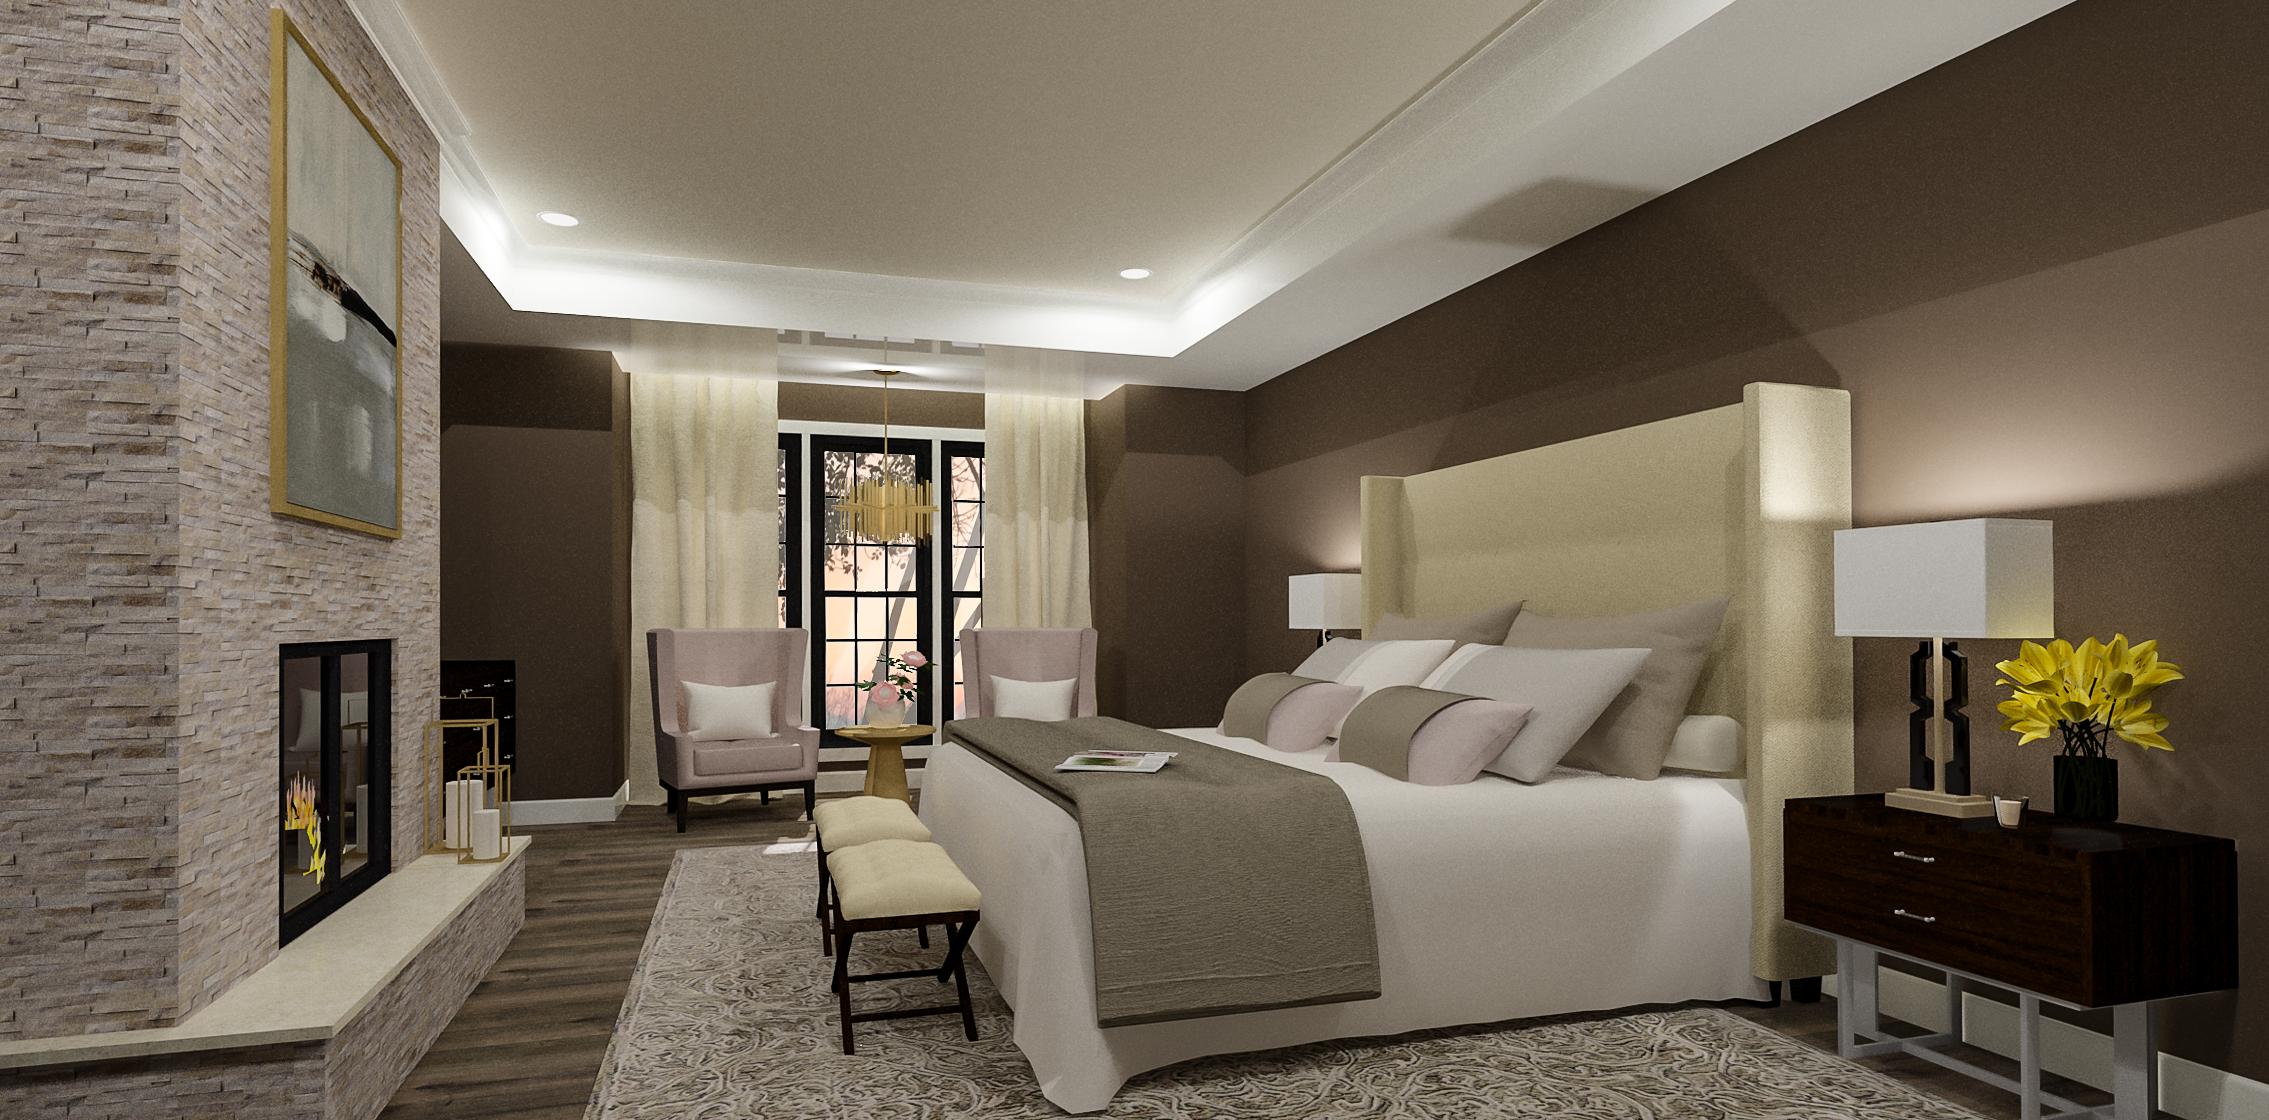 Master Bedroom Rendering   Designed by Stalburg Design.png